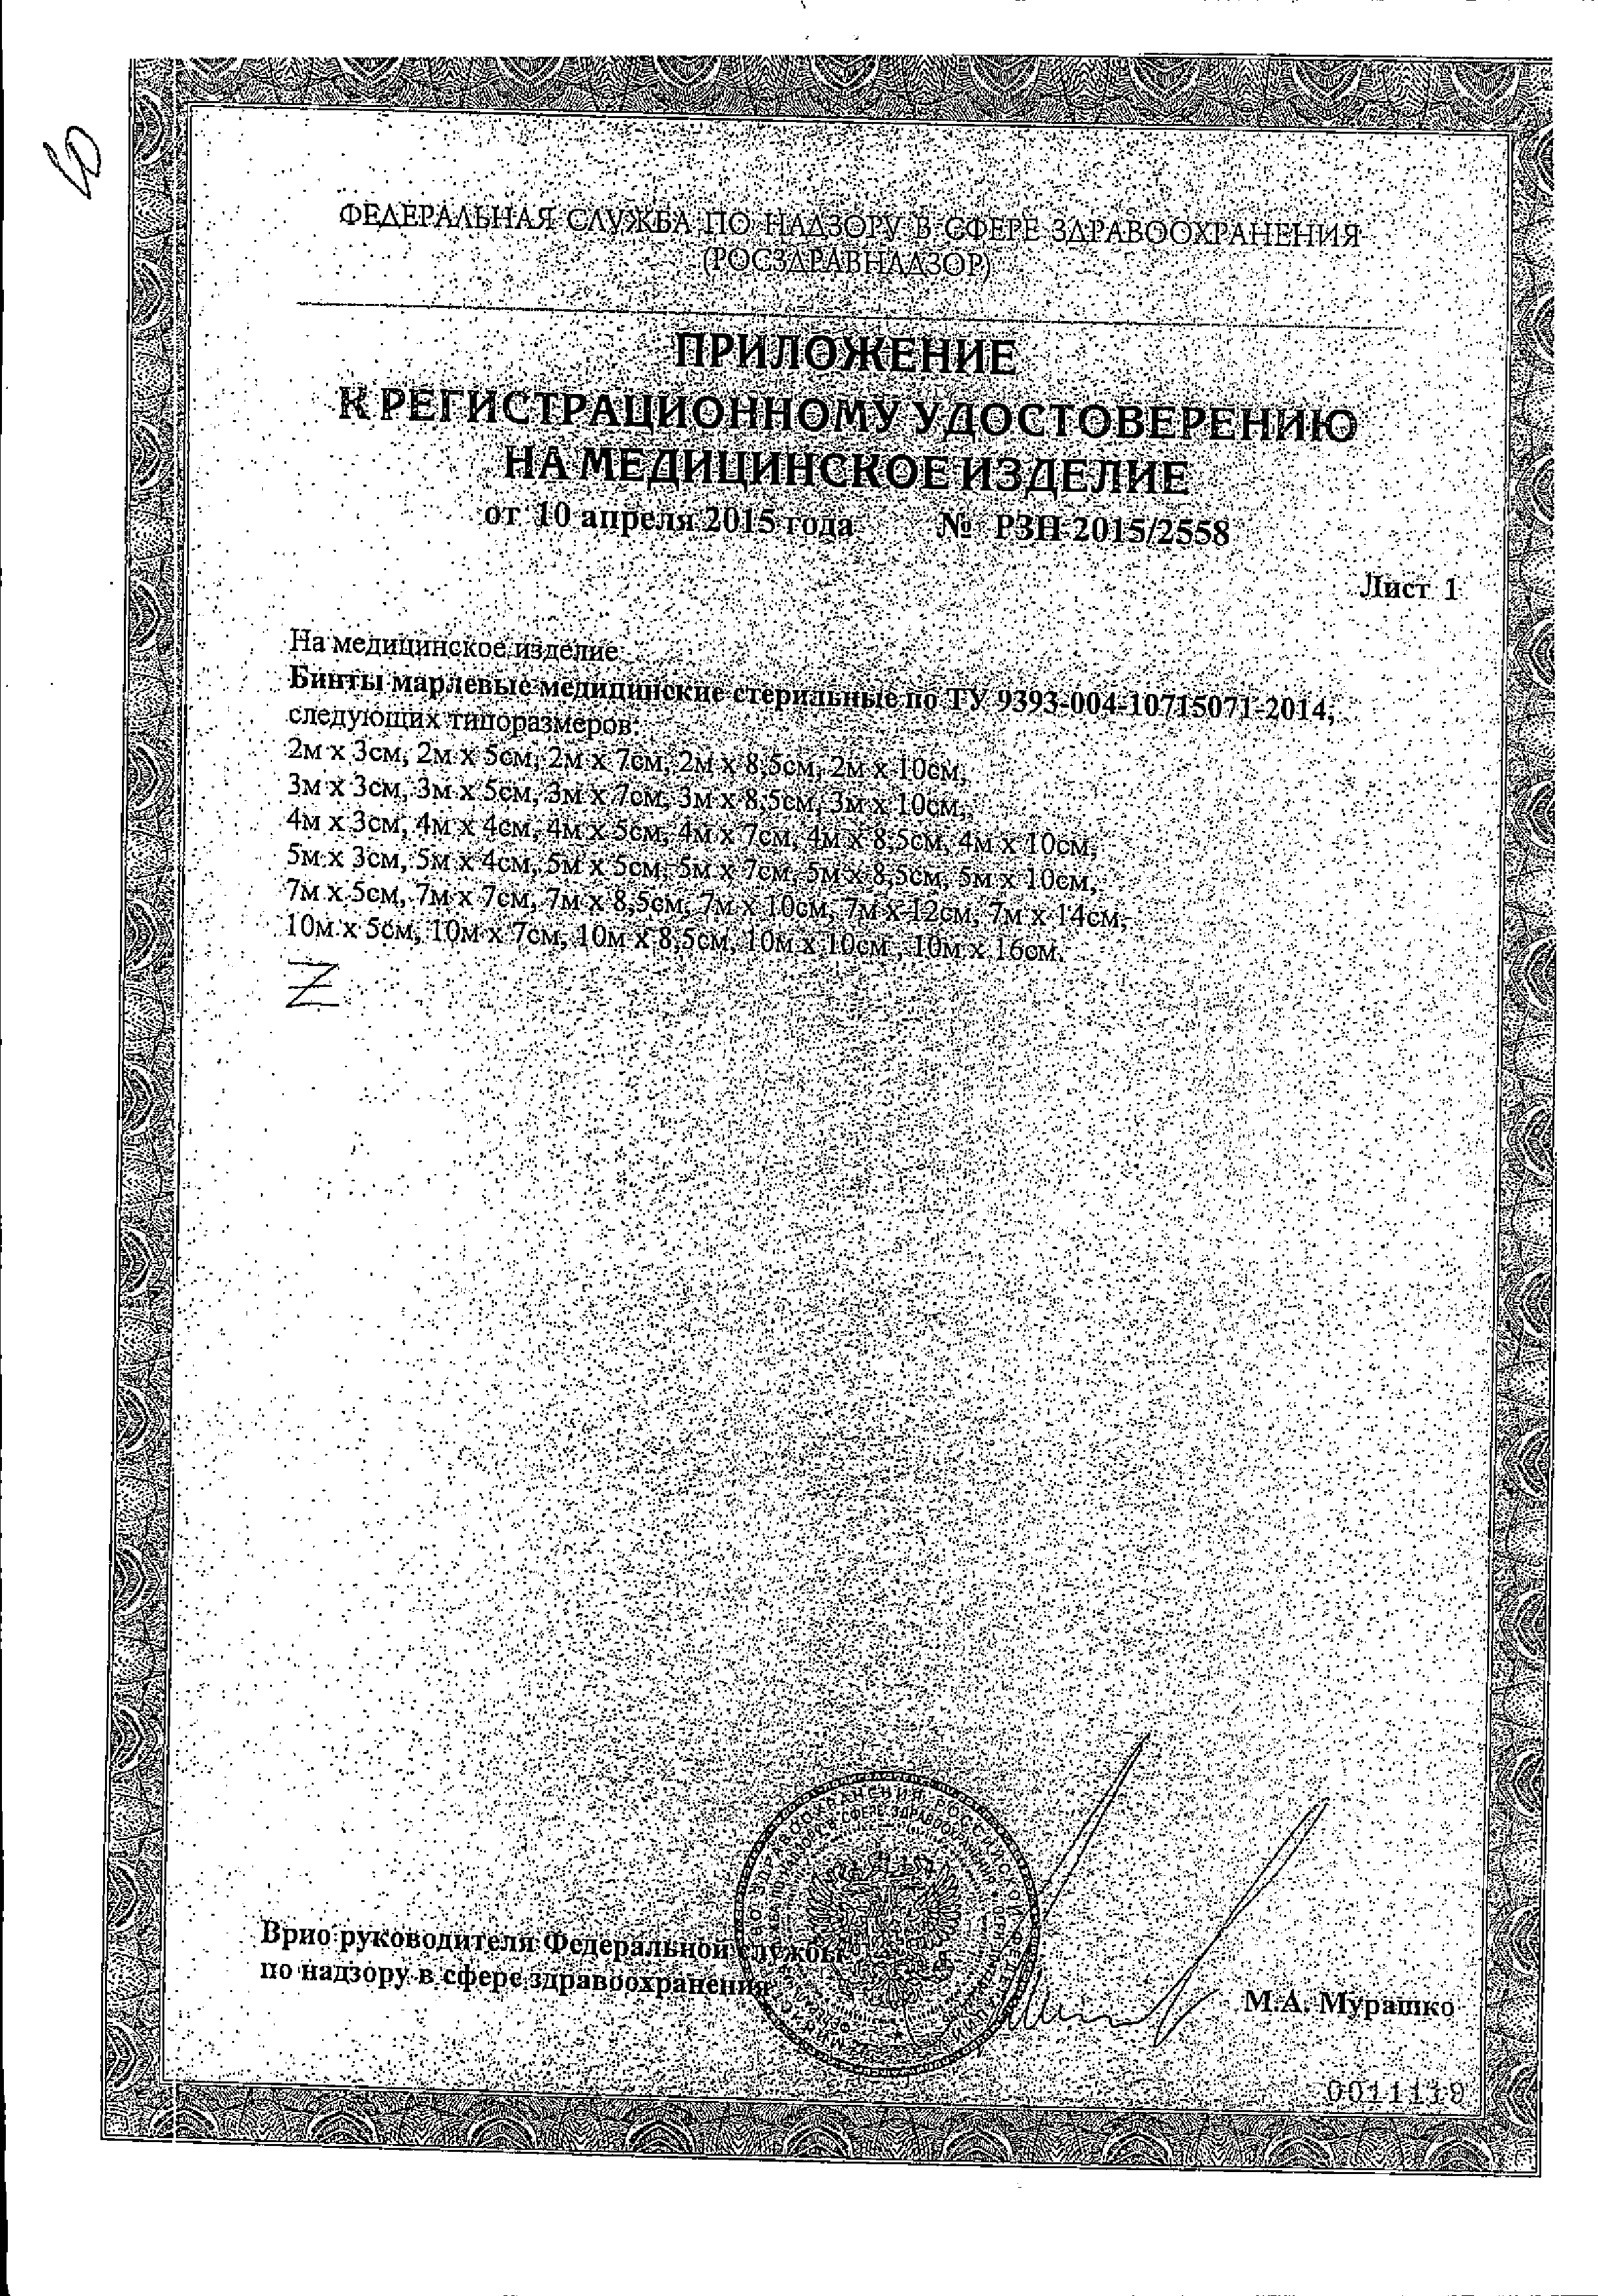 Клинса бинт марлевый стерильный сертификат